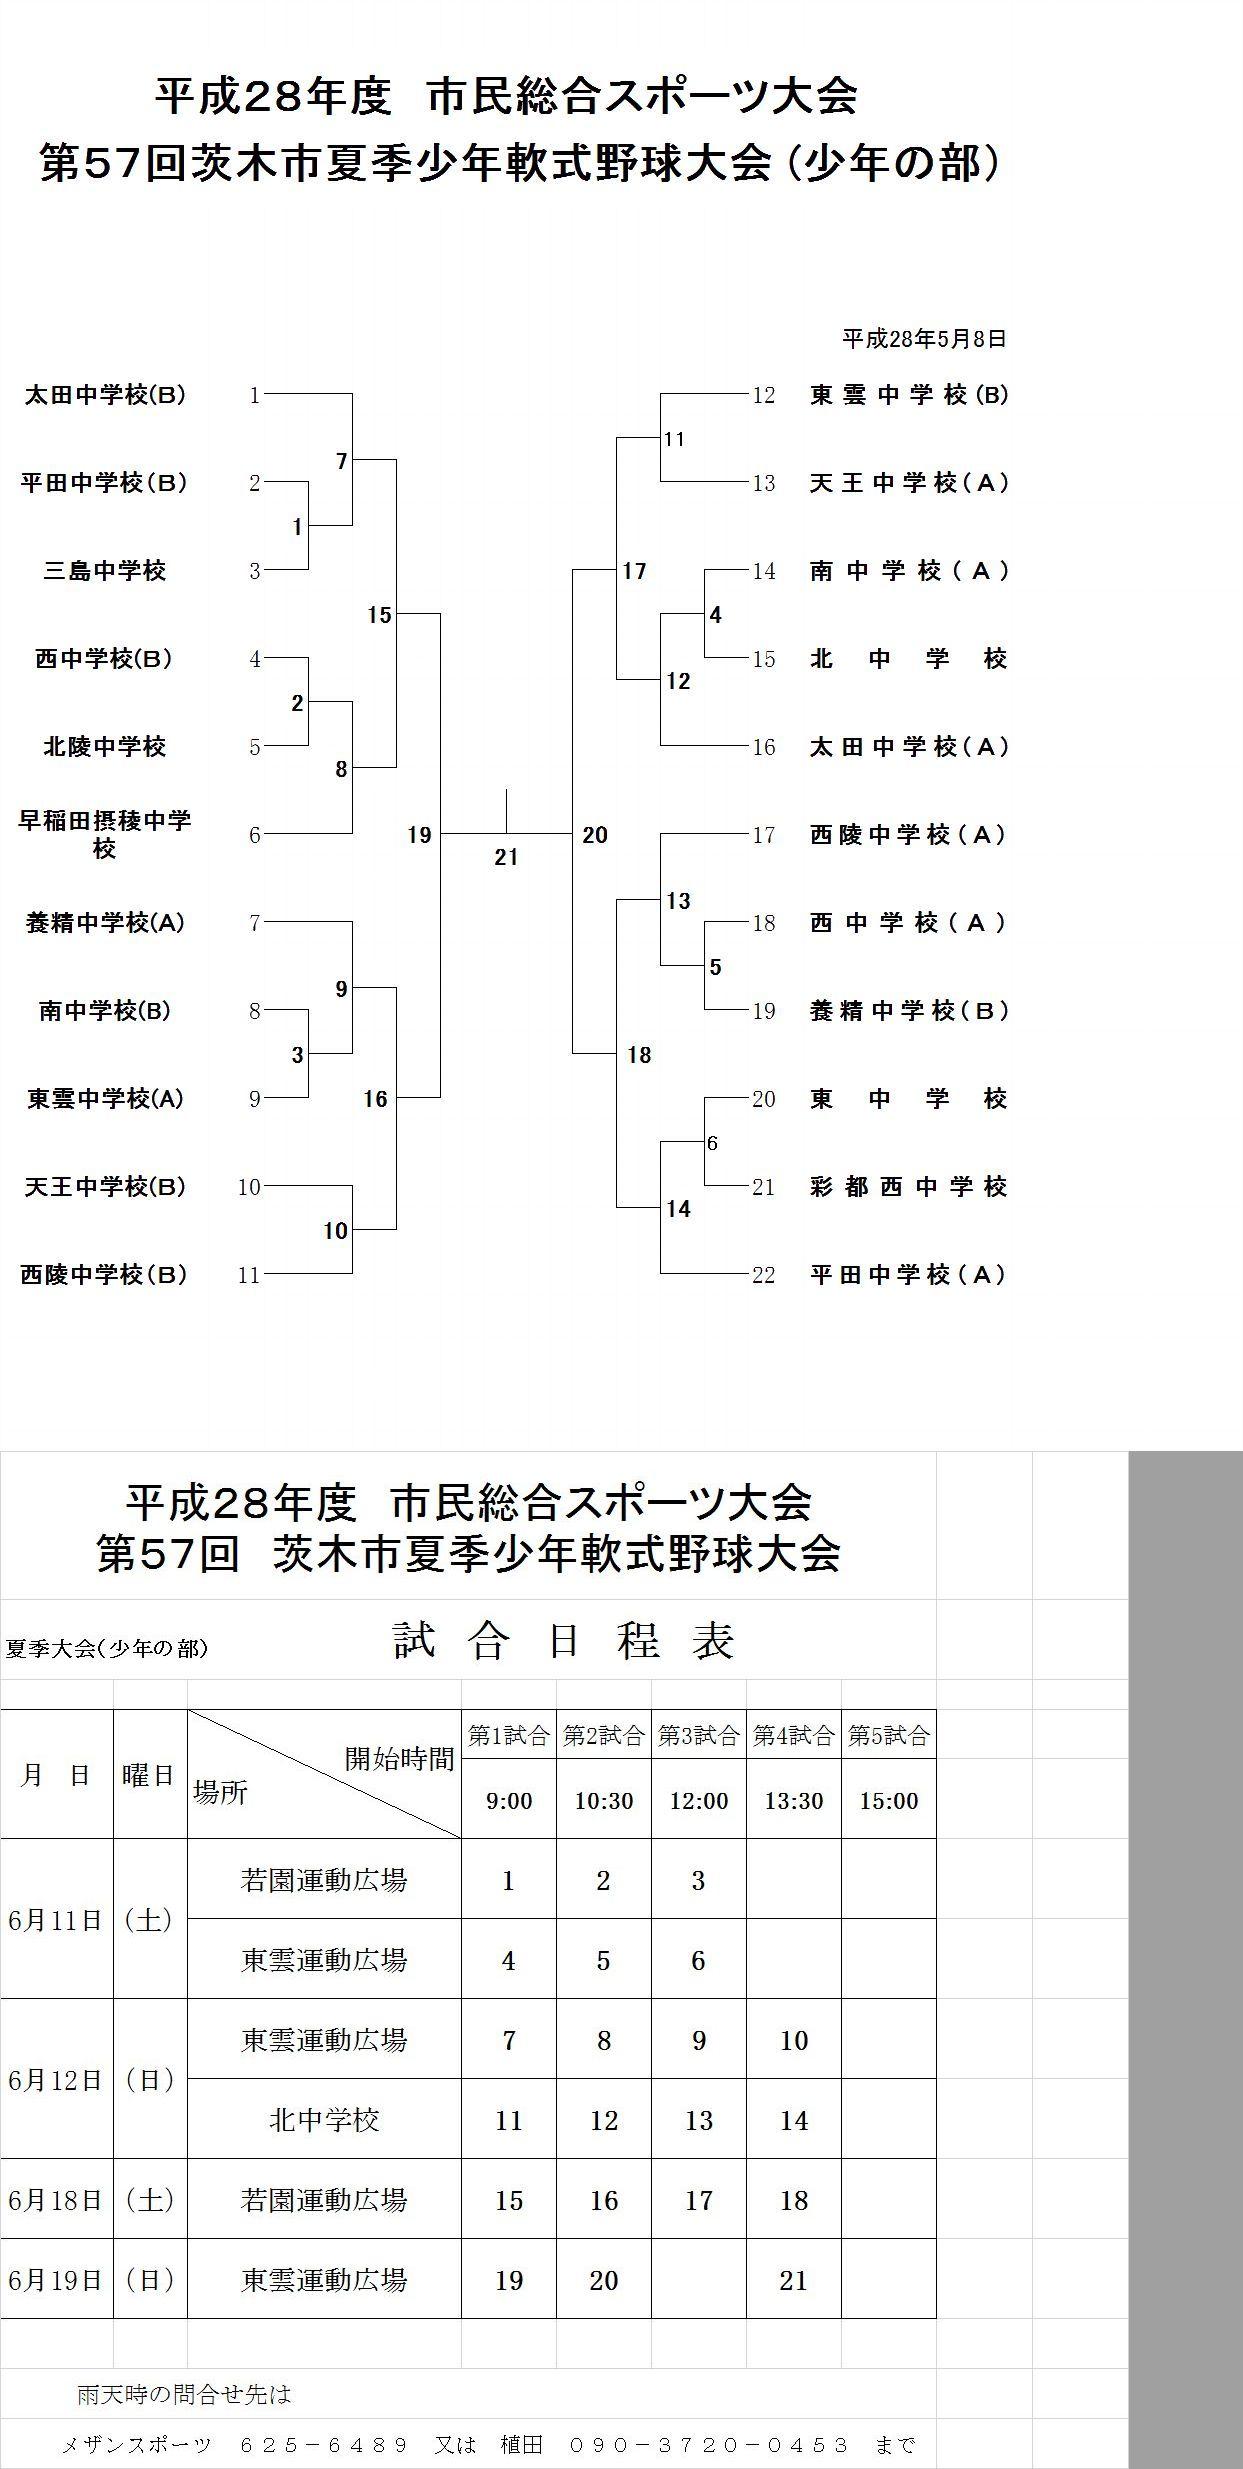 中学生夏季大会トーナメント表、日程表